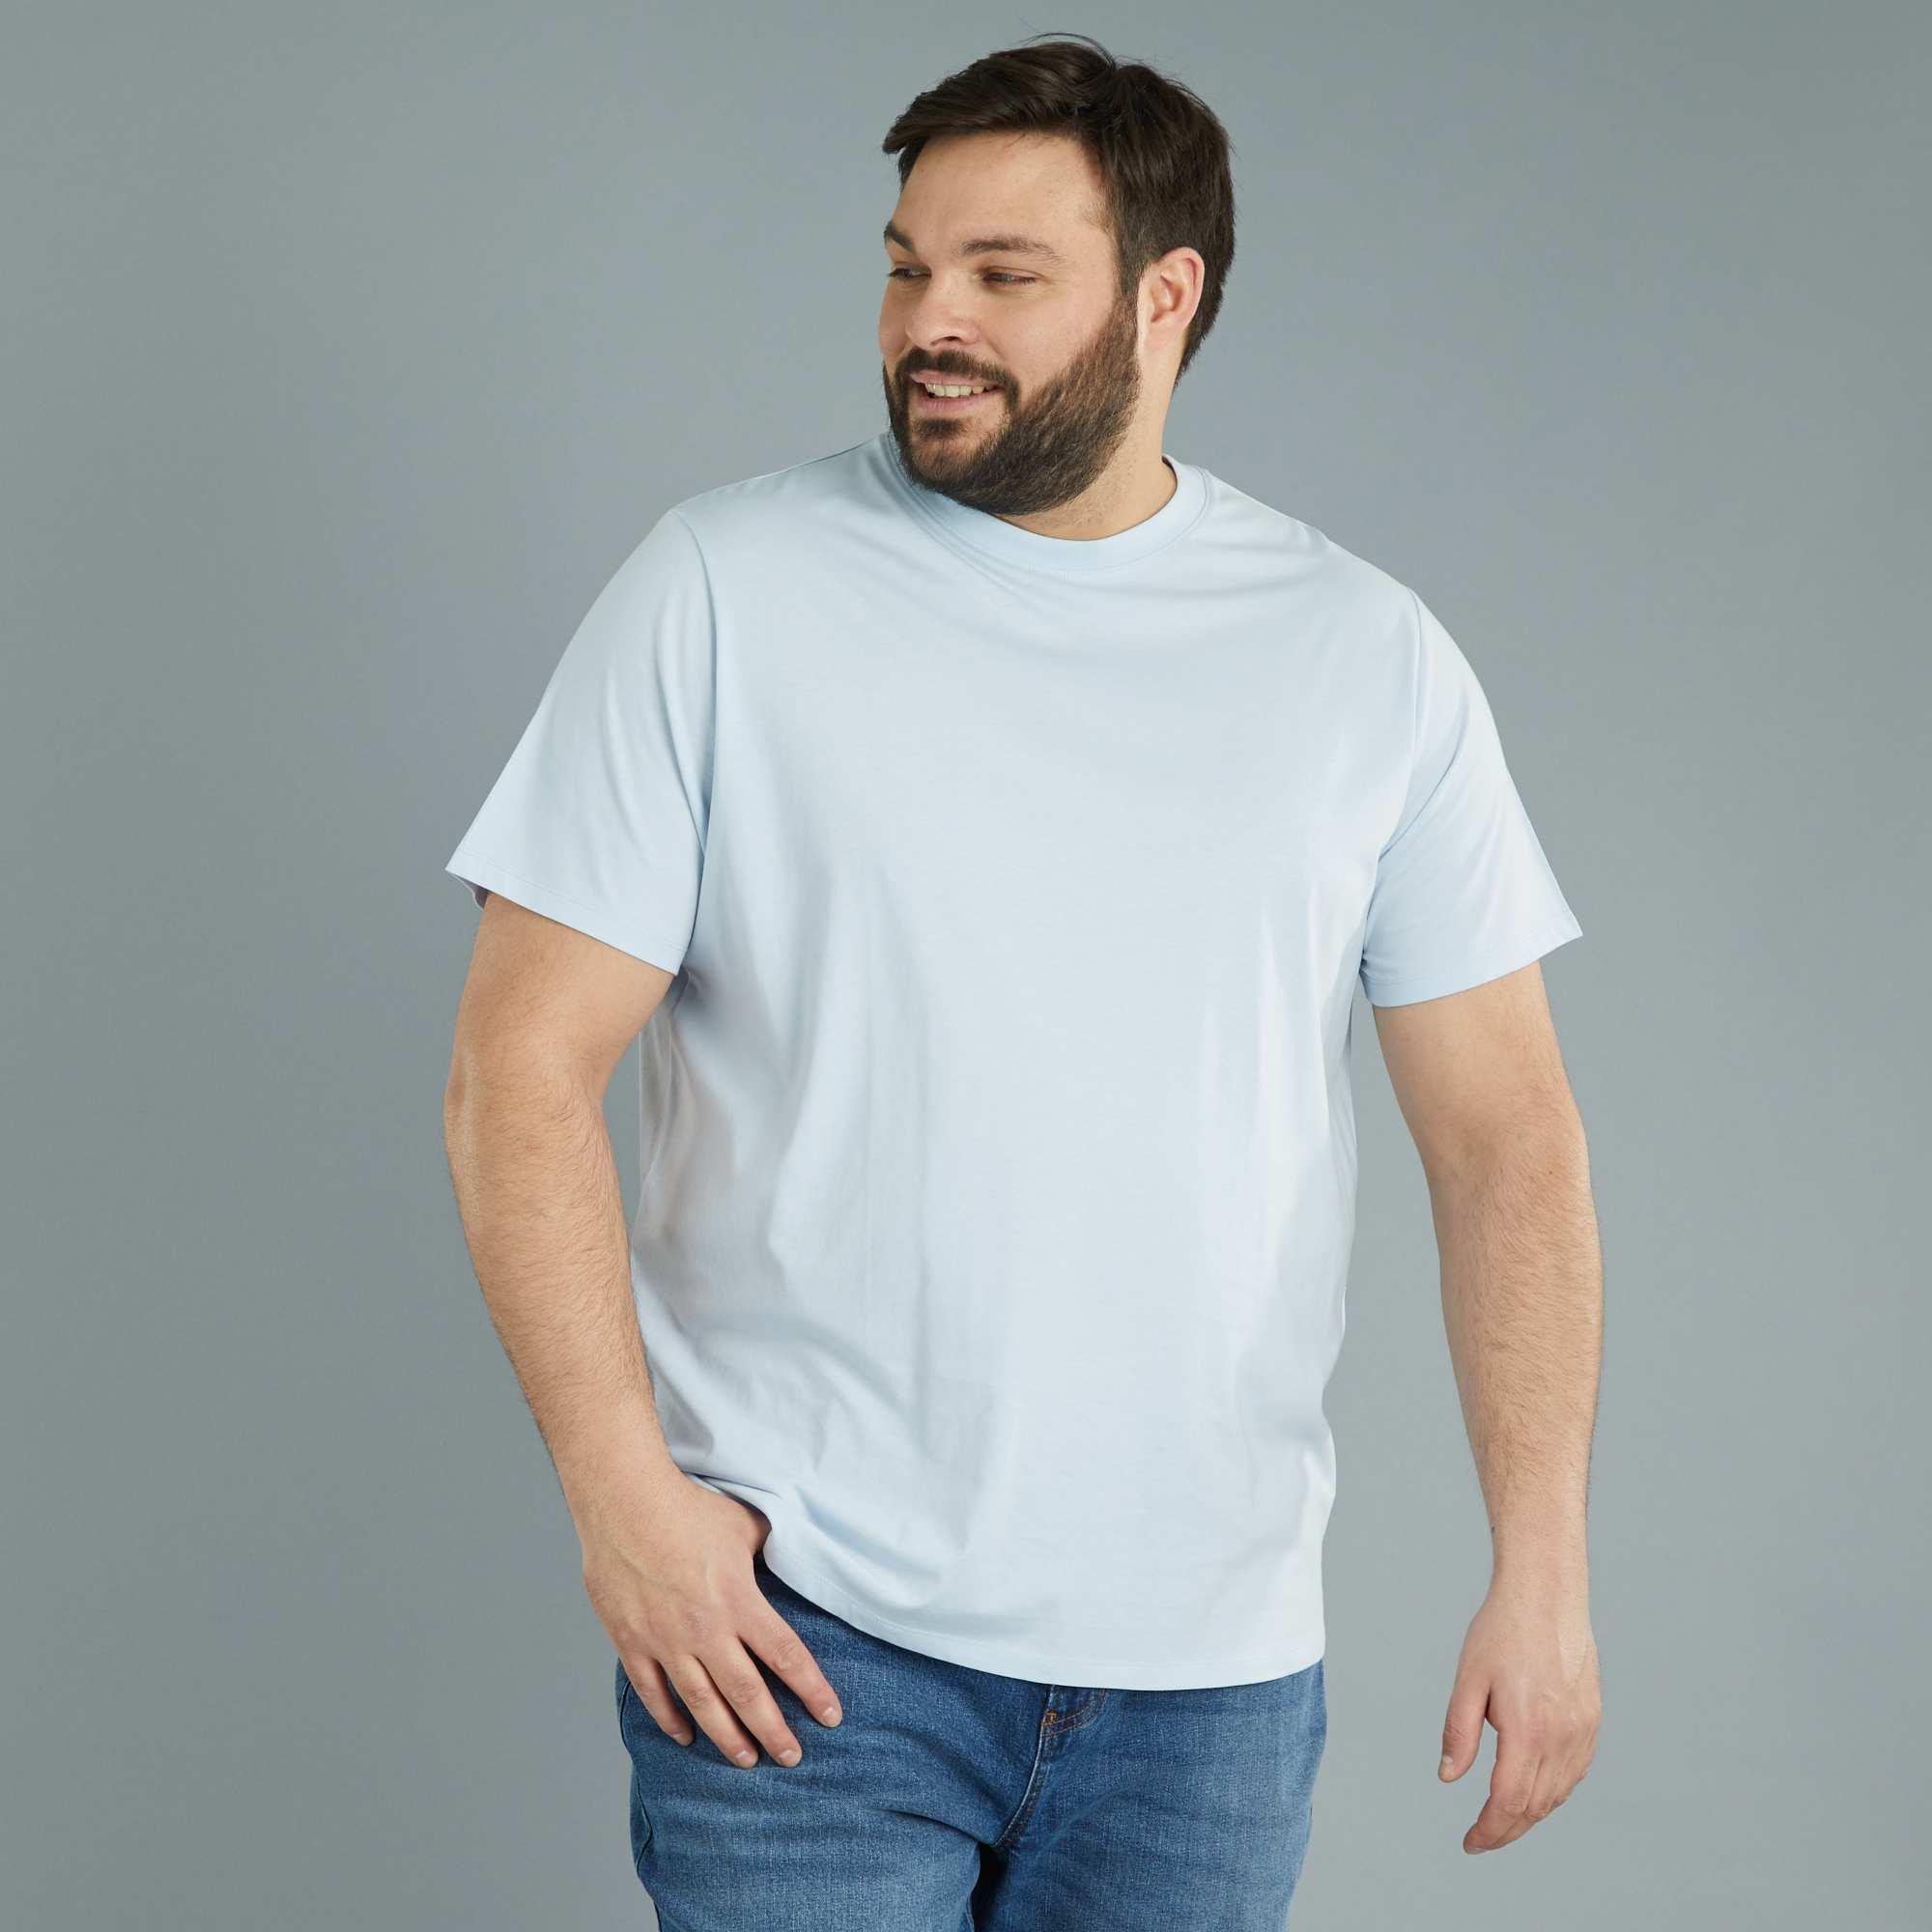 Couleur : bleu très clair, jaune gold, blanc,noir,gris chiné - Taille : 4XL, 3XL, 5XL,6XL,7XLL'indispensable du vestiaire masculin : le T-shirt col rond classique en coton,